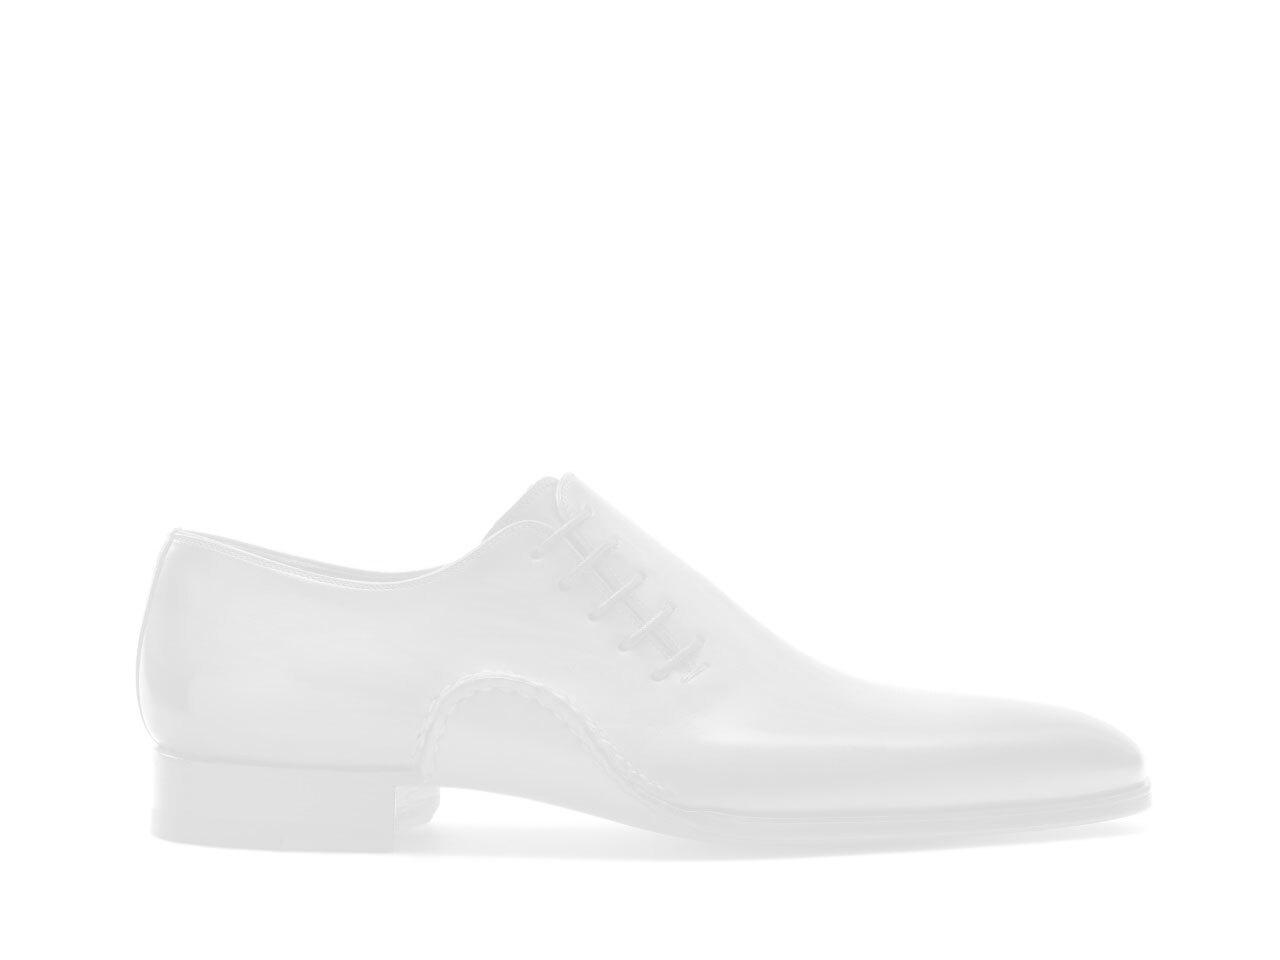 Pair of the Magnanni Varenna II Grey Men's Sneakers